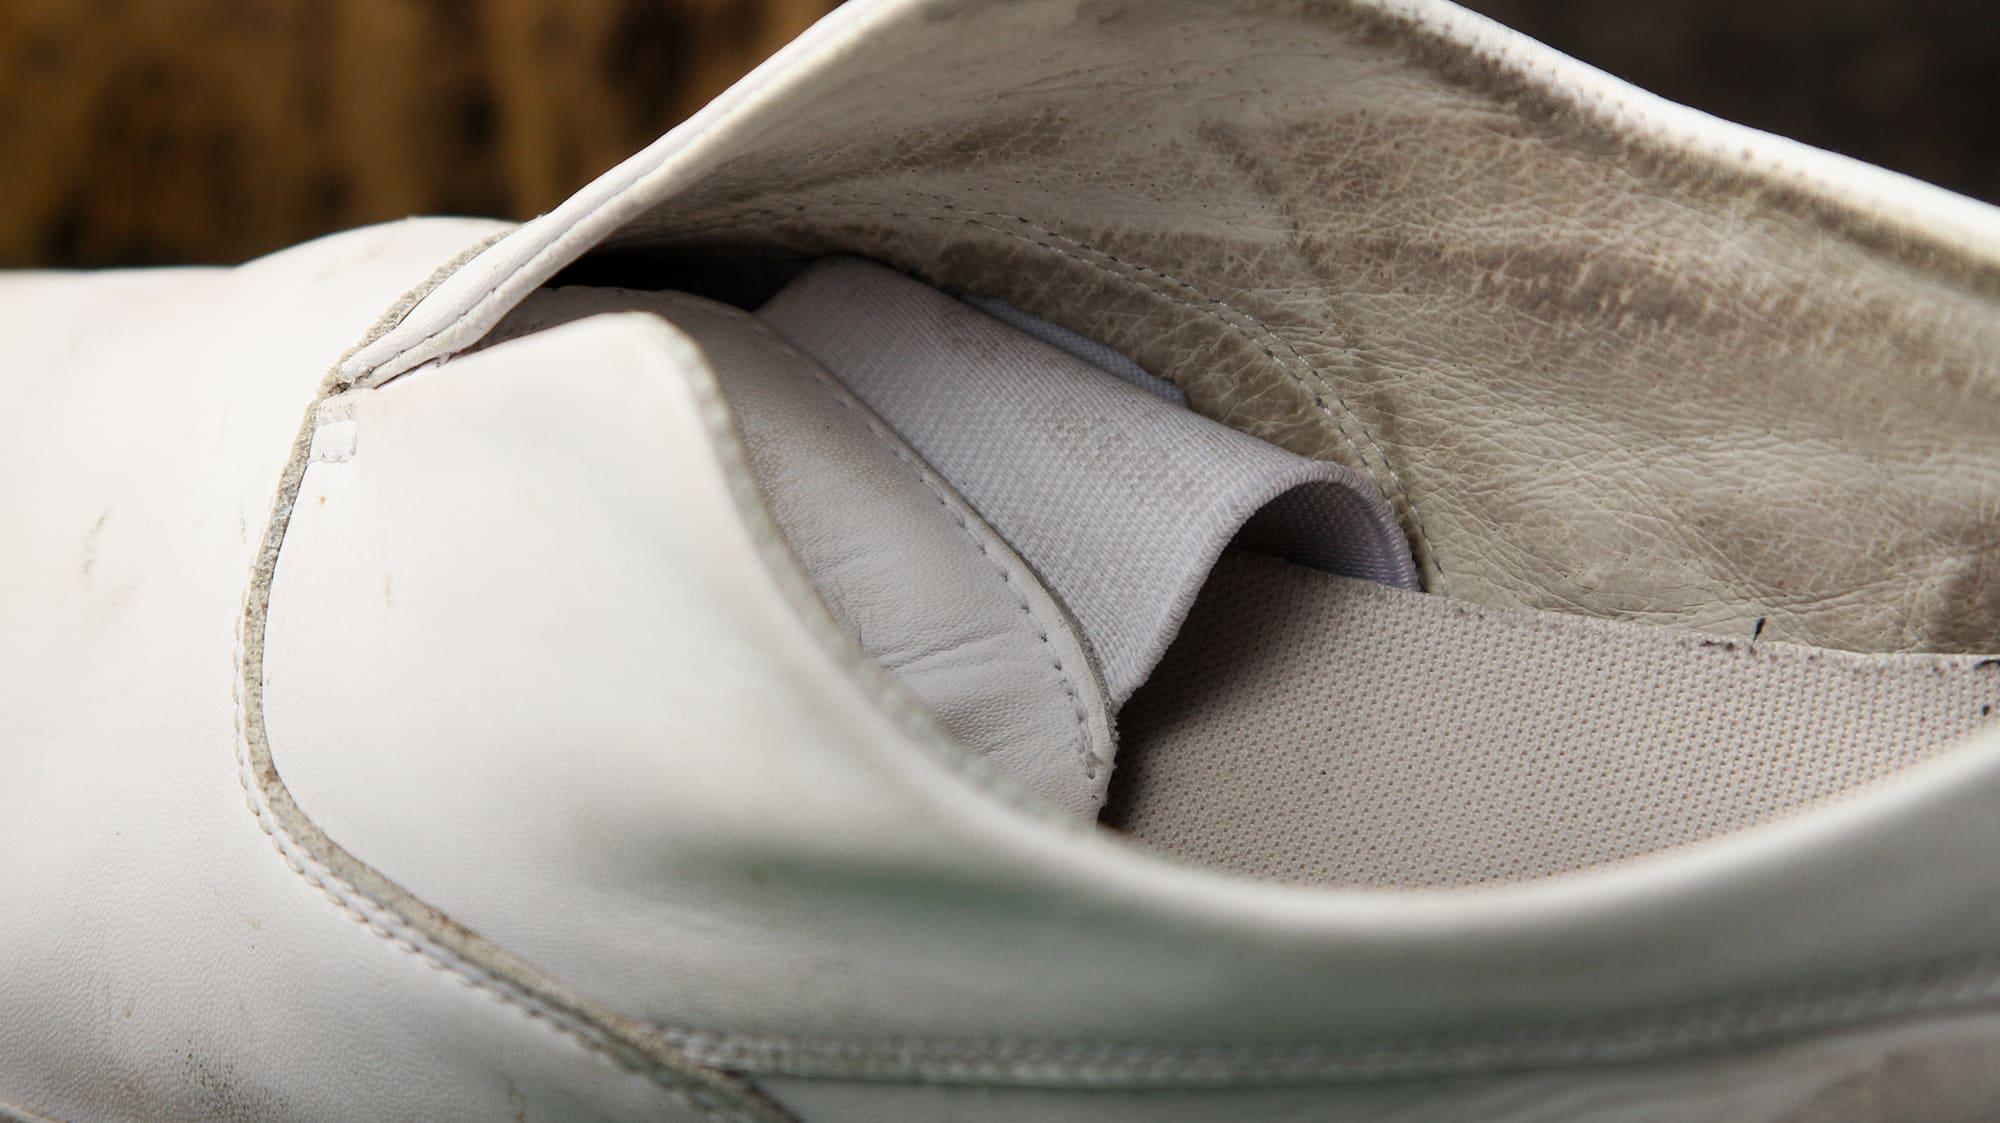 HUF Dylan Slip-On Skate Shoes Wear Test